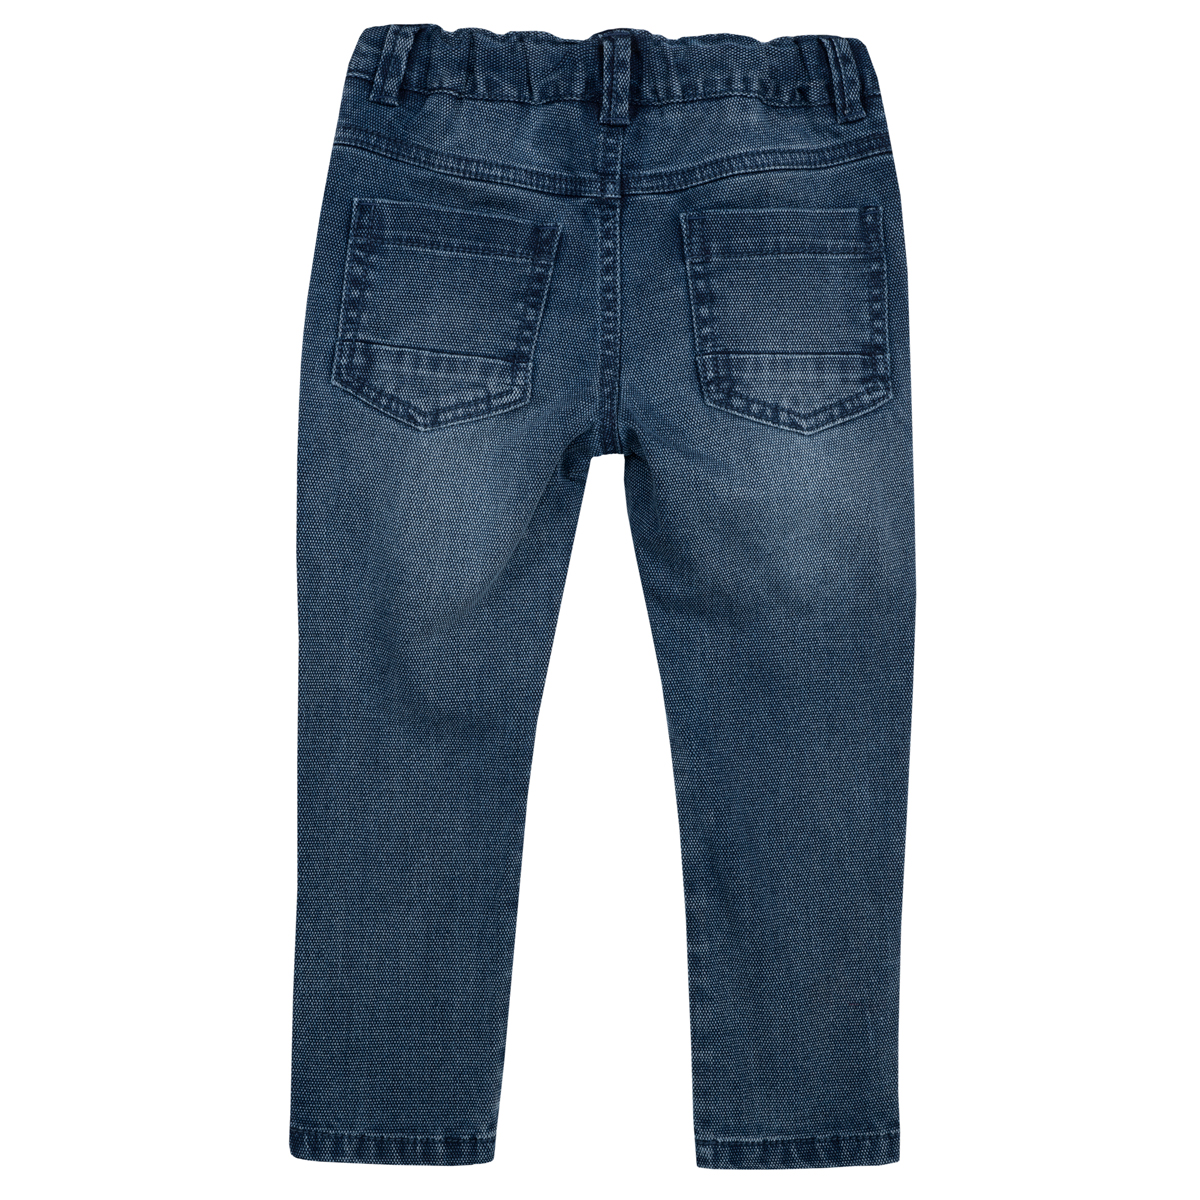 Pantalon lung copii Chicco, albastru deschis, 24973